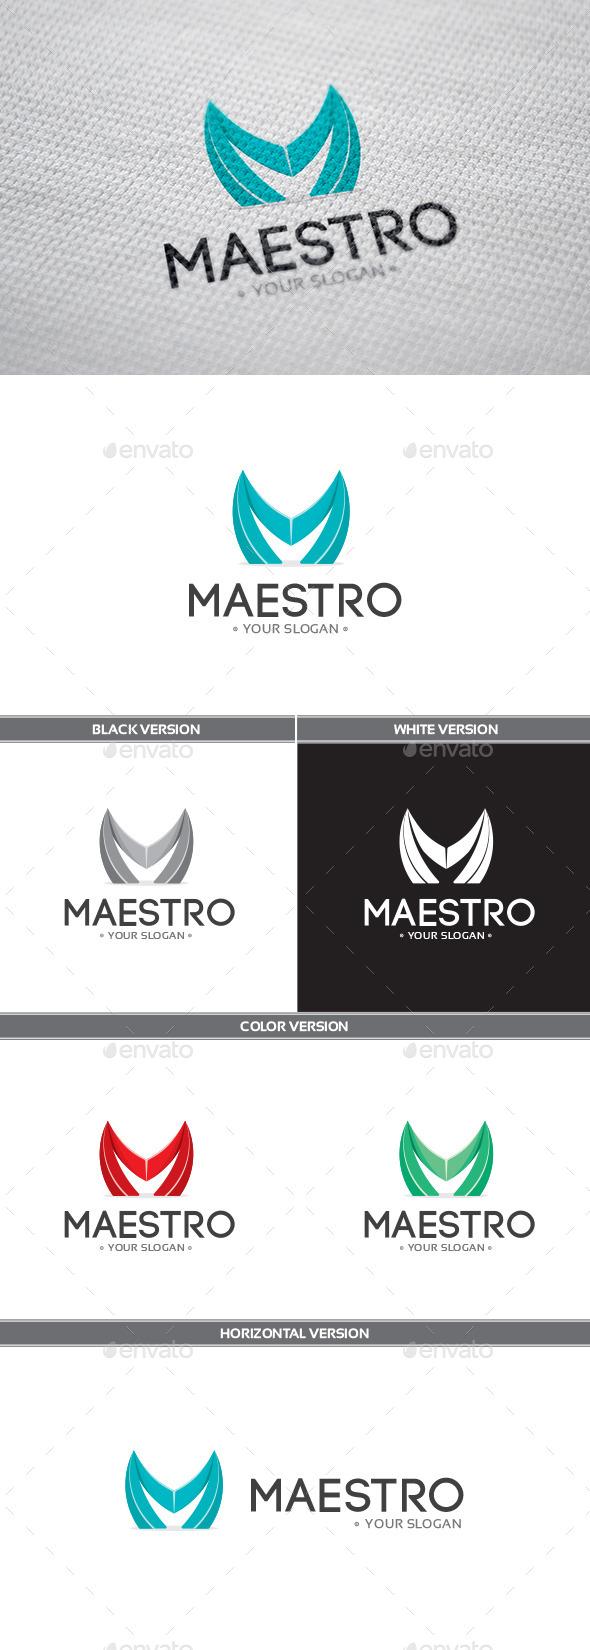 GraphicRiver Maestro Logo 9137932